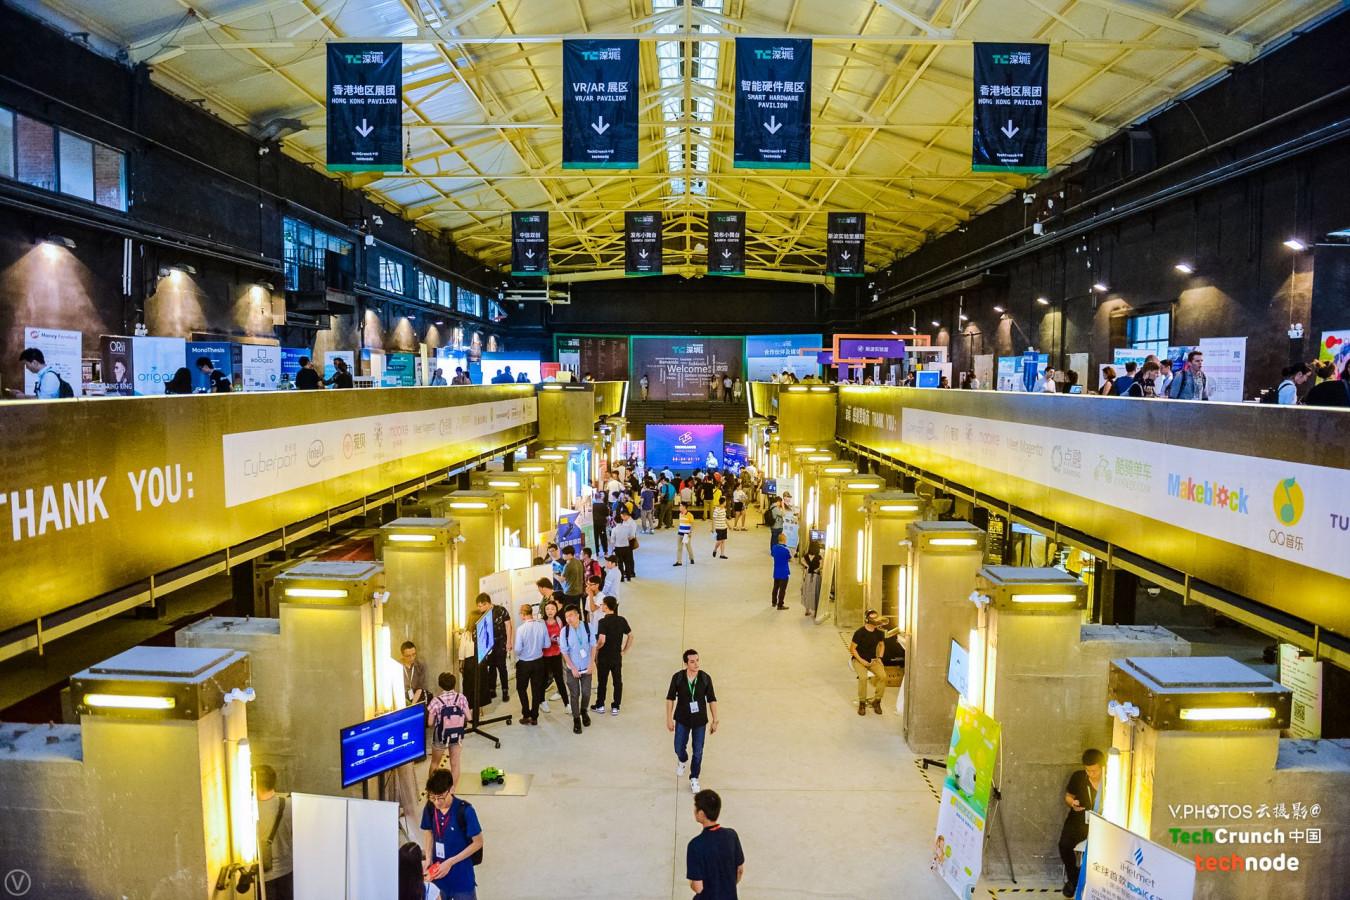 首次落地硬件硅谷,TechCrunch引爆深圳创业圈